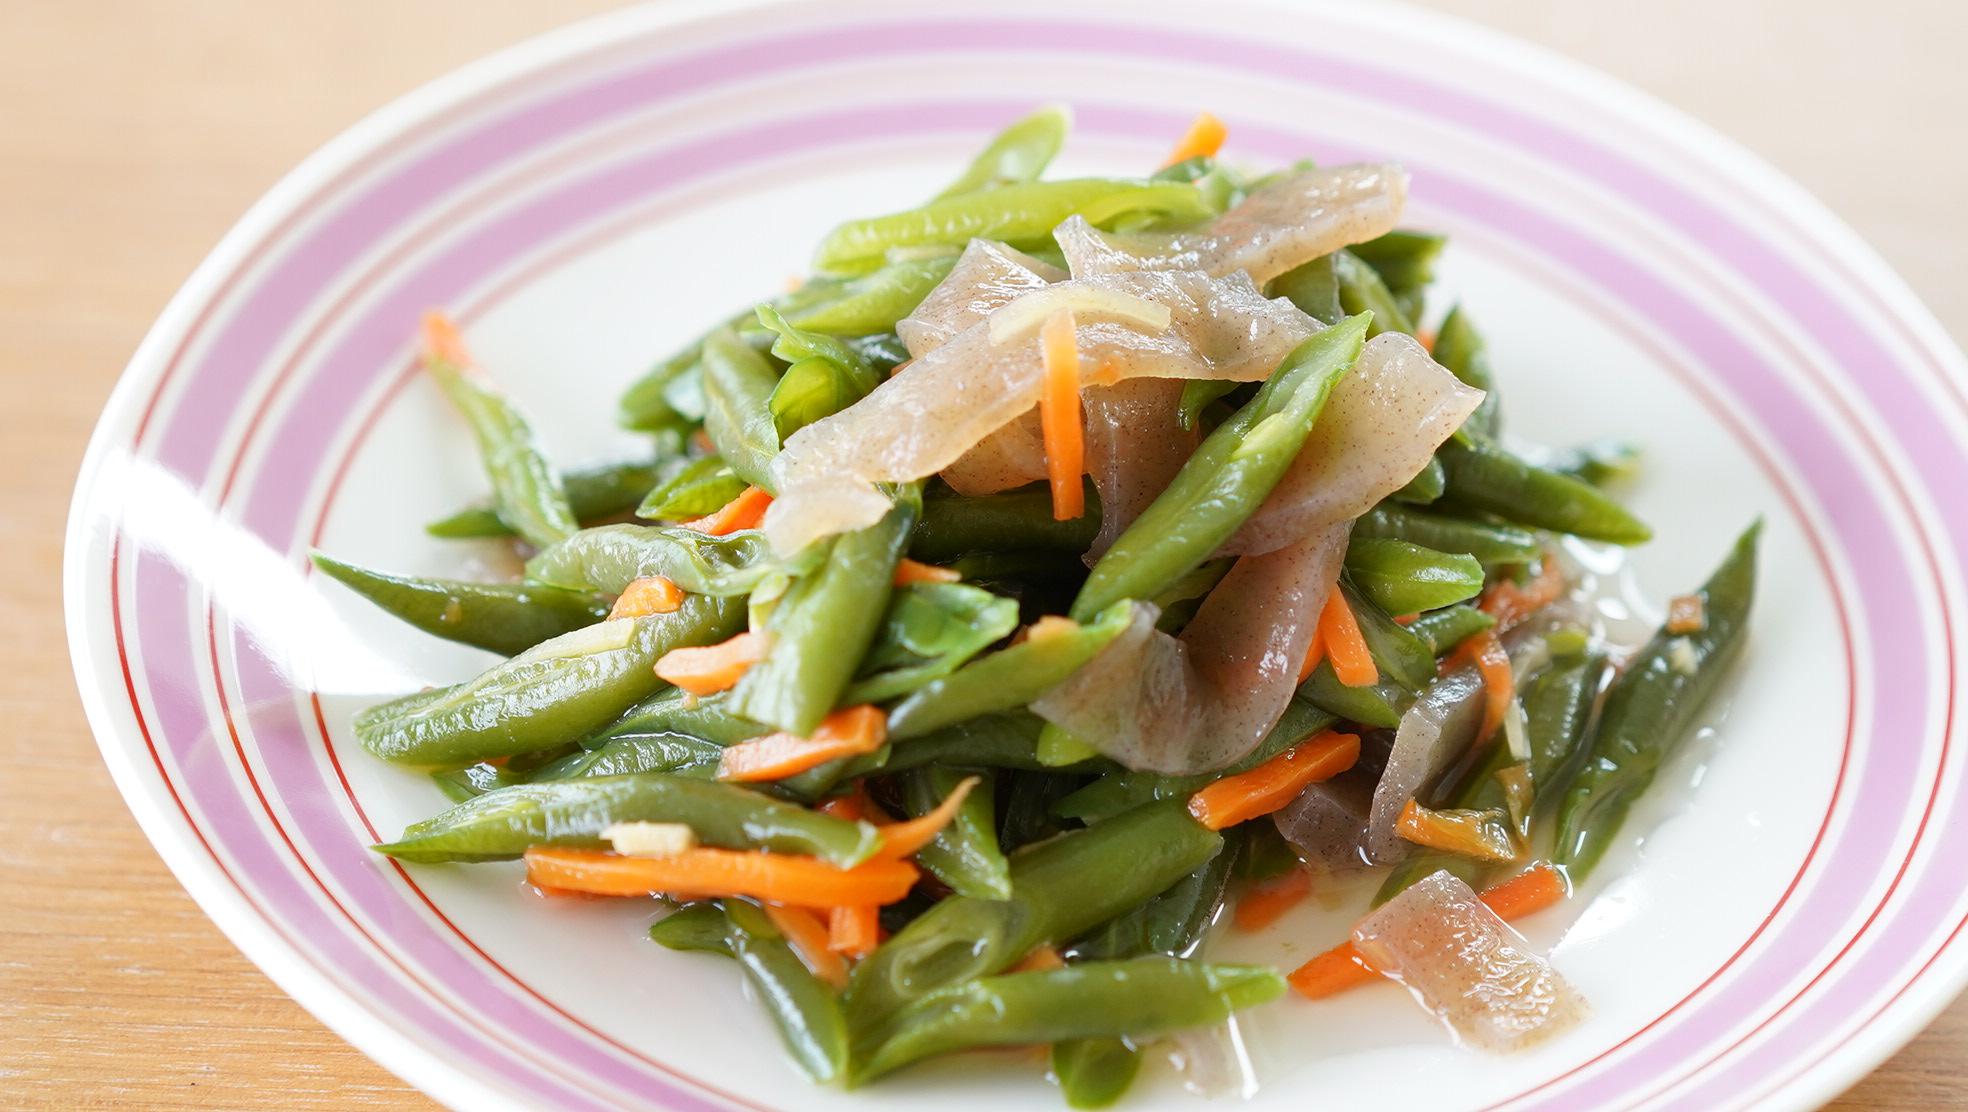 無印良品のおすすめ冷凍食品「いんげんの生姜醤油和え」の写真